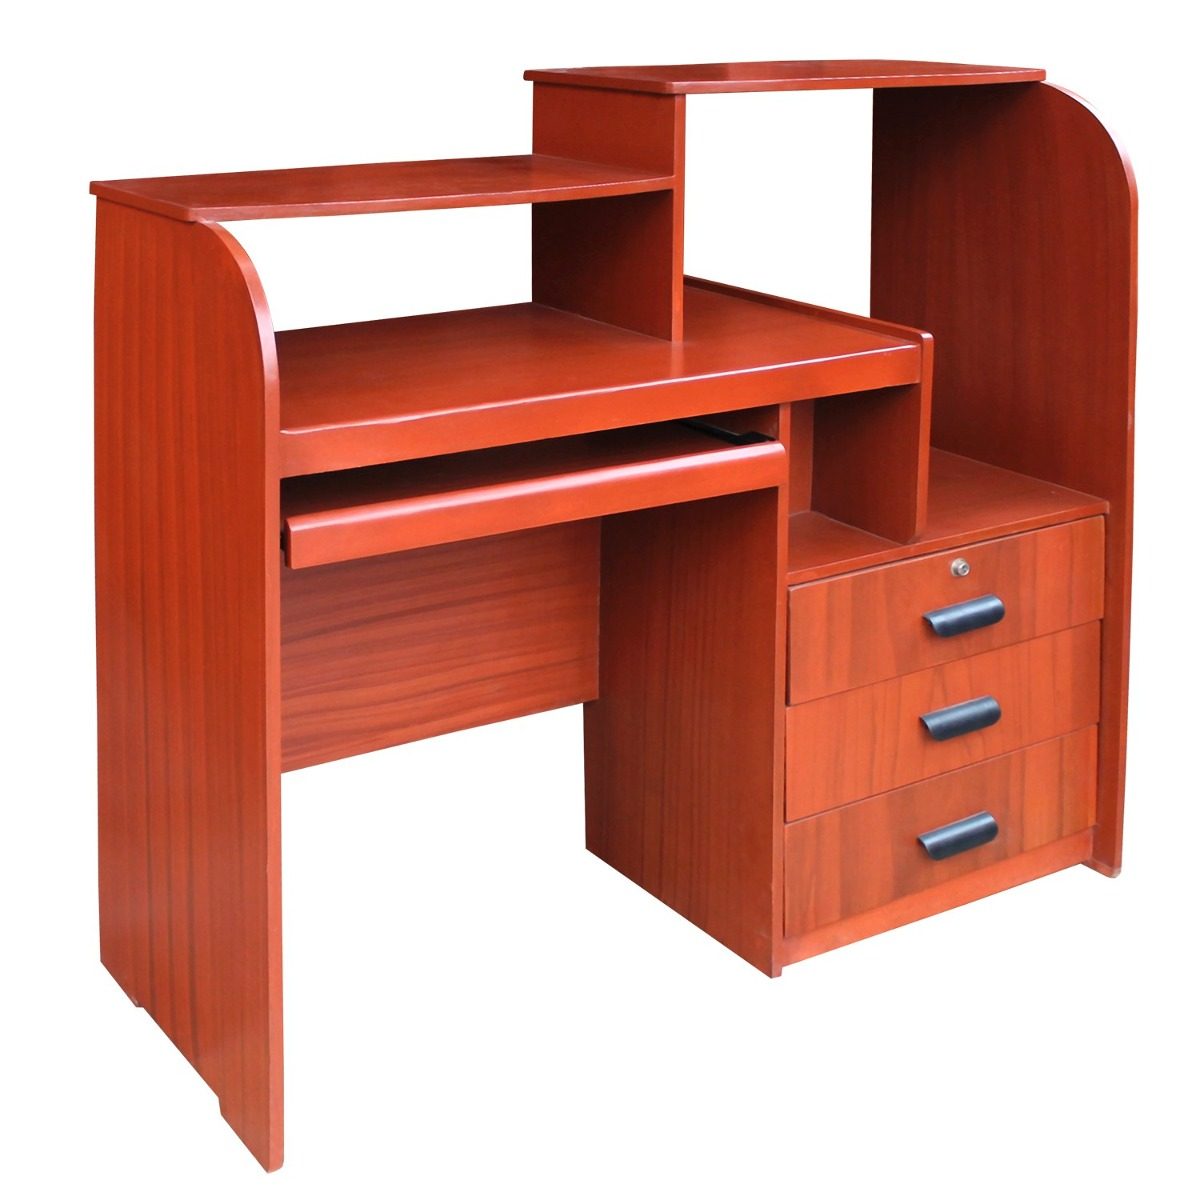 Mueble de computo 3 cajones completamente nuevo s 245 for Cajones para muebles